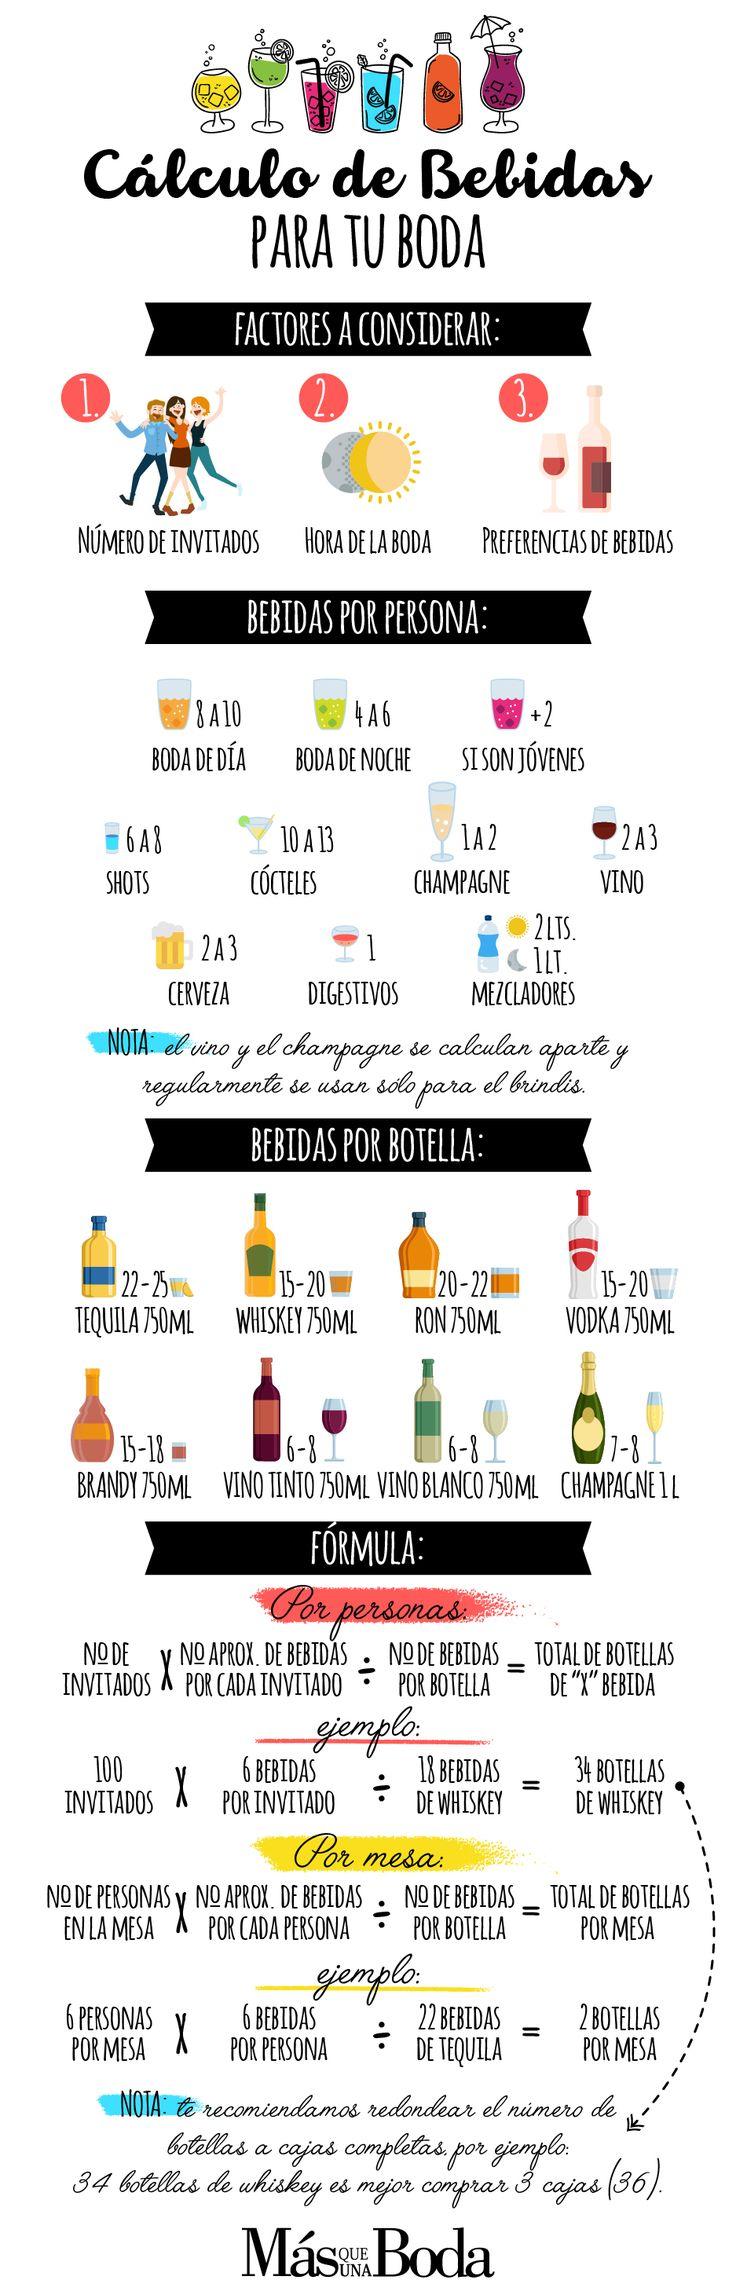 Cálculo de bebidas para tu boda #MásQ1Boda